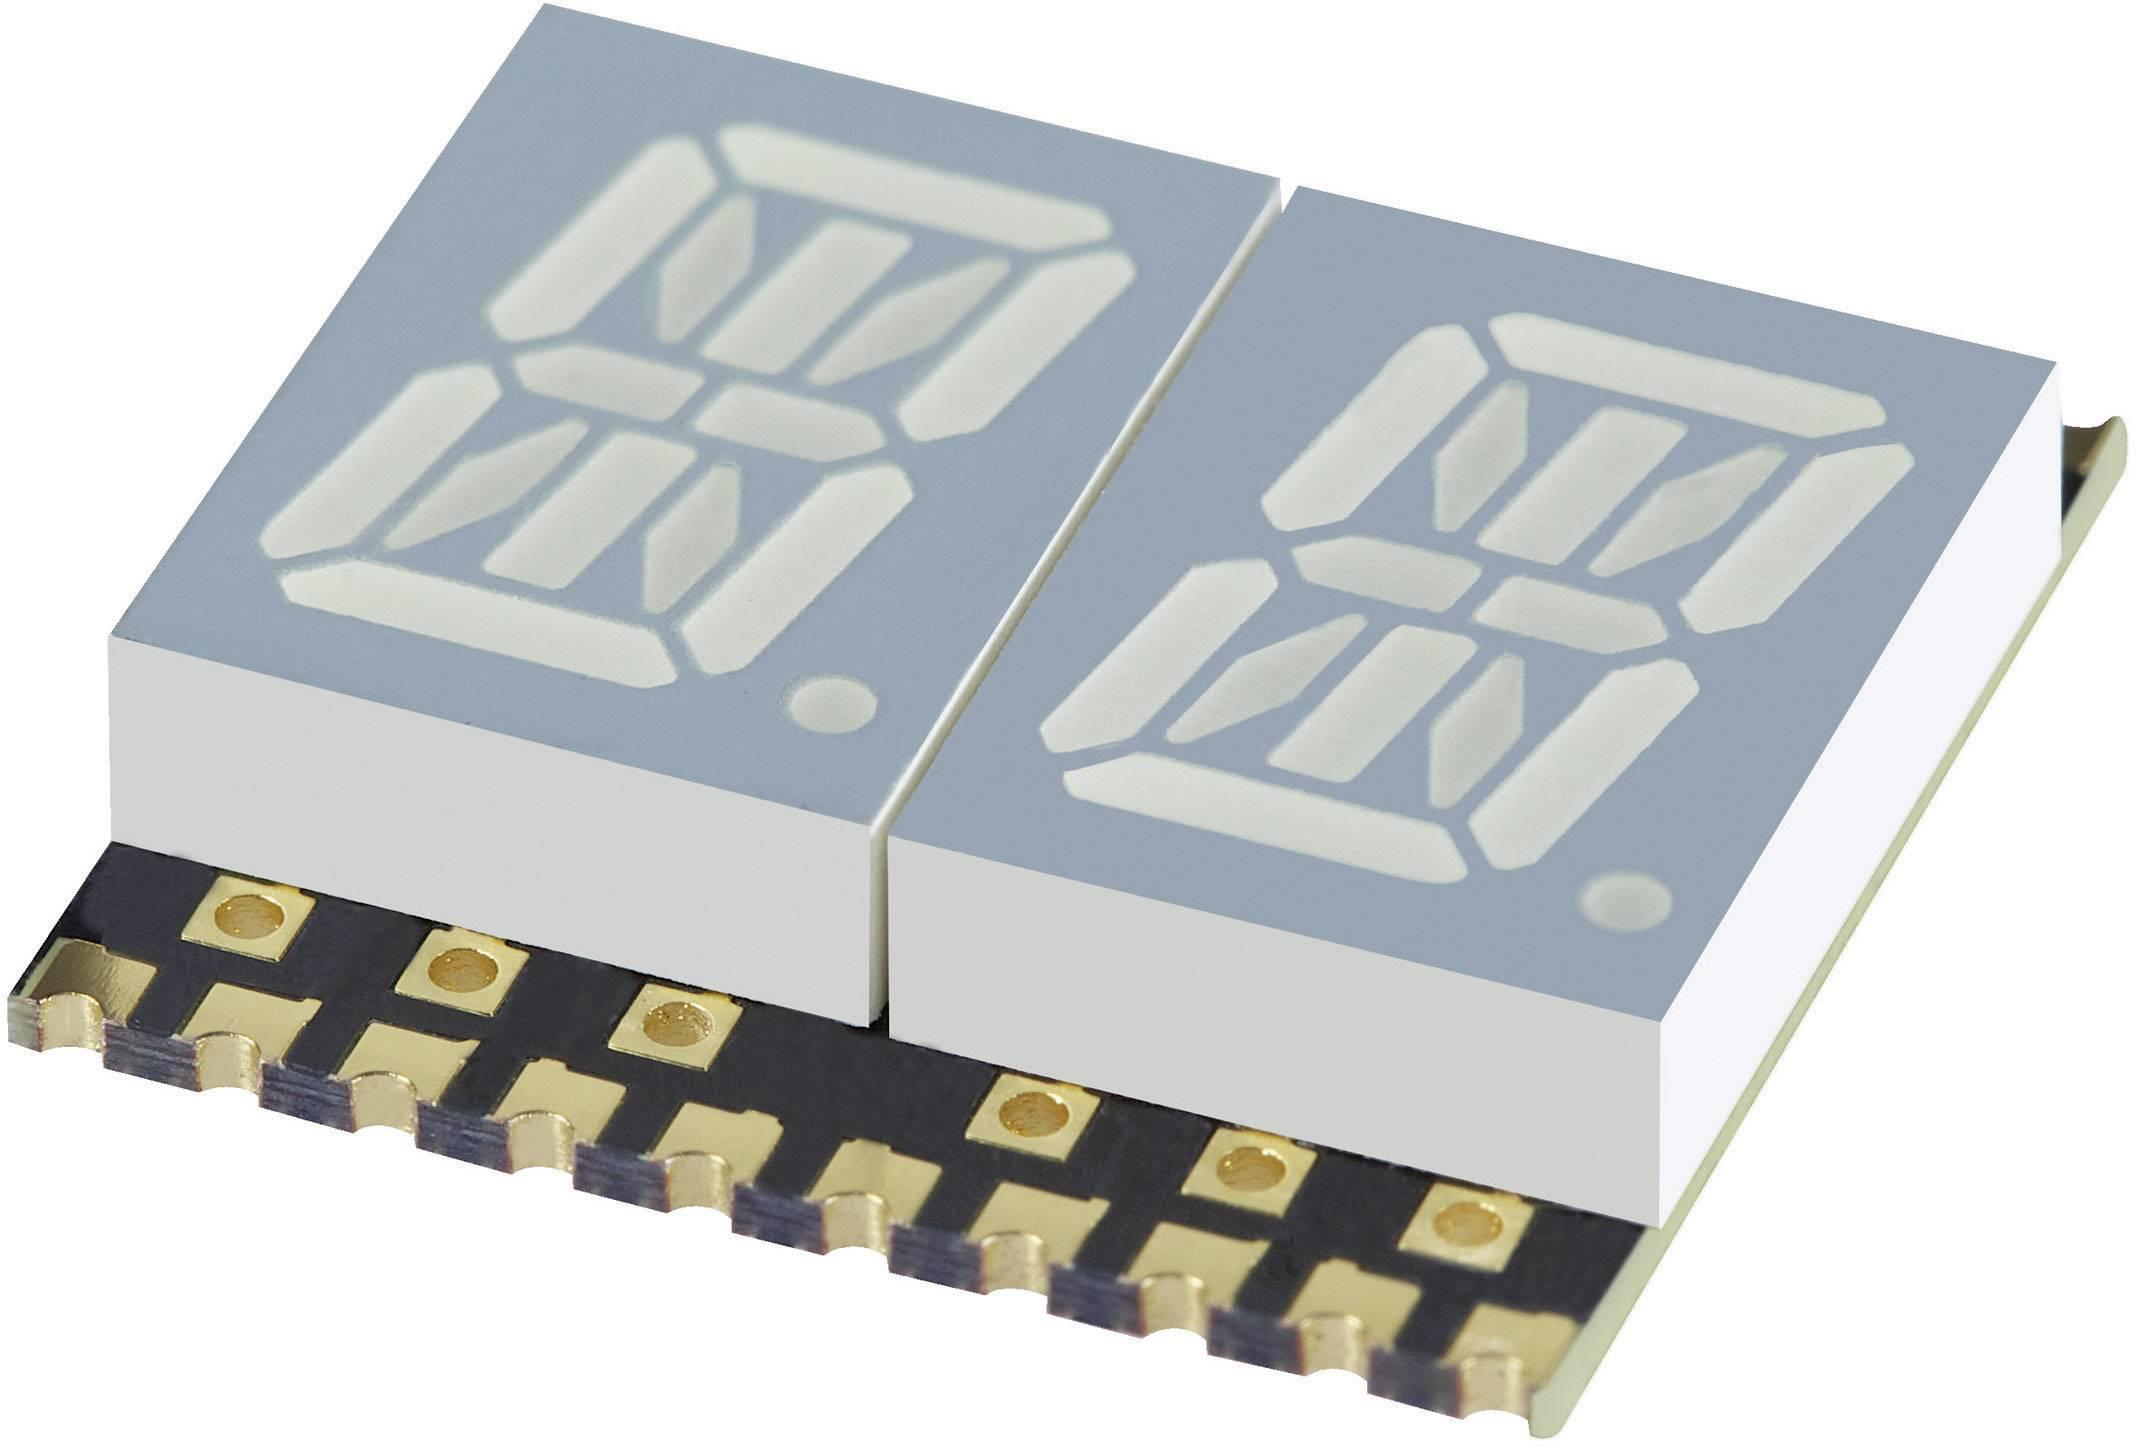 Alfanumerický displej Kingbright KCPDC04-105, číslic 2, 10.16 mm, 1.85 V, červená